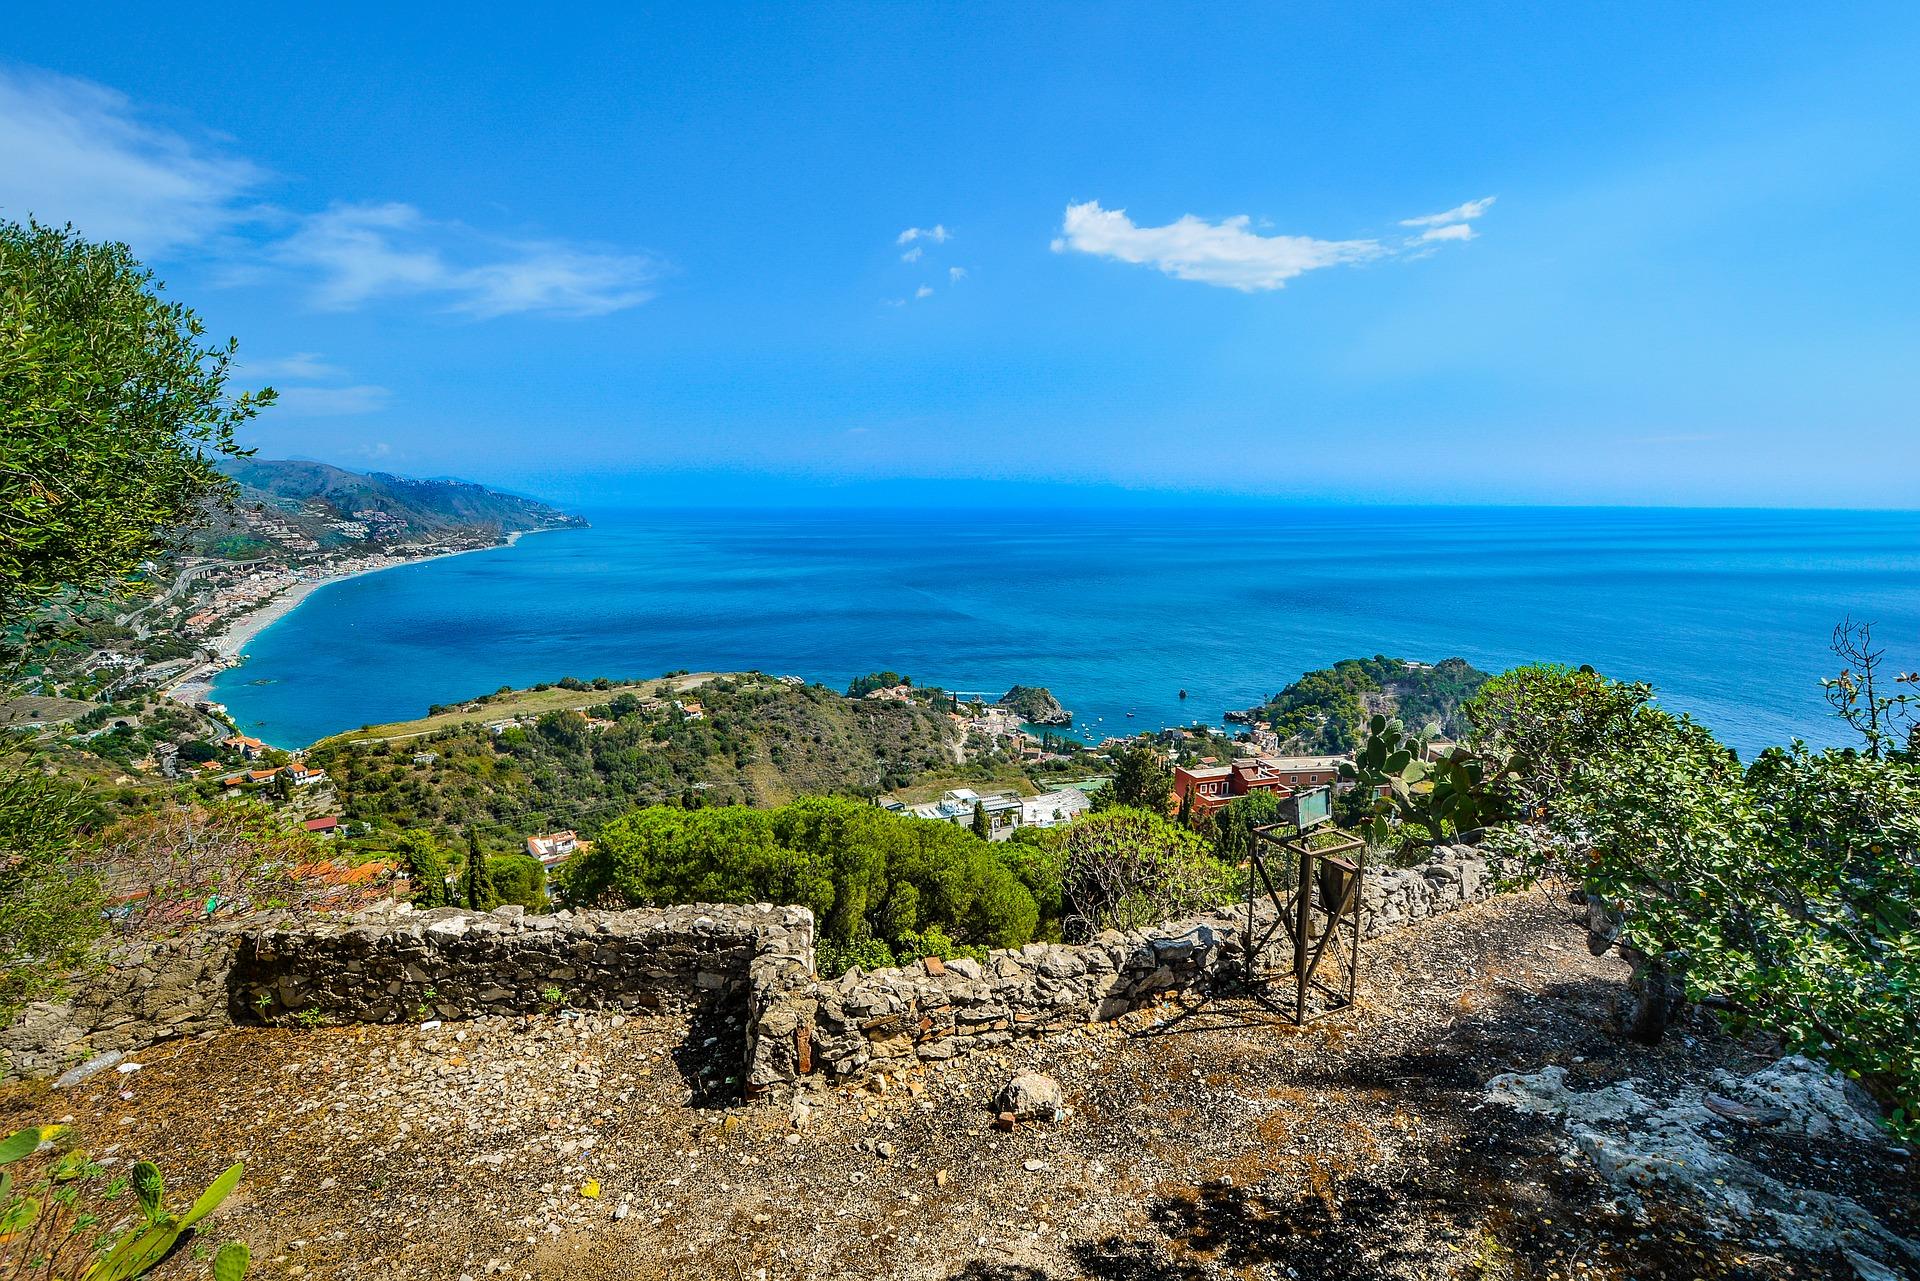 La mejor manera de descubrir Sicilia es en bicicleta